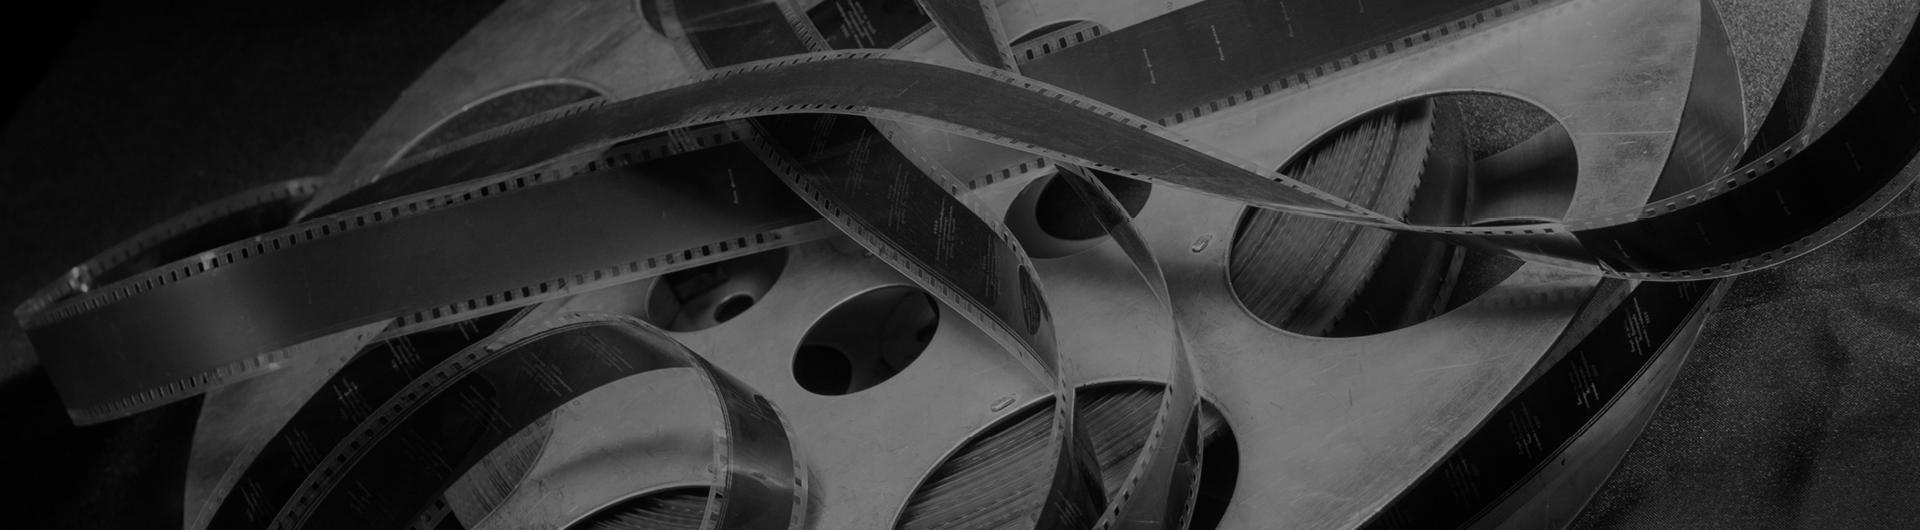 Black and white film reel